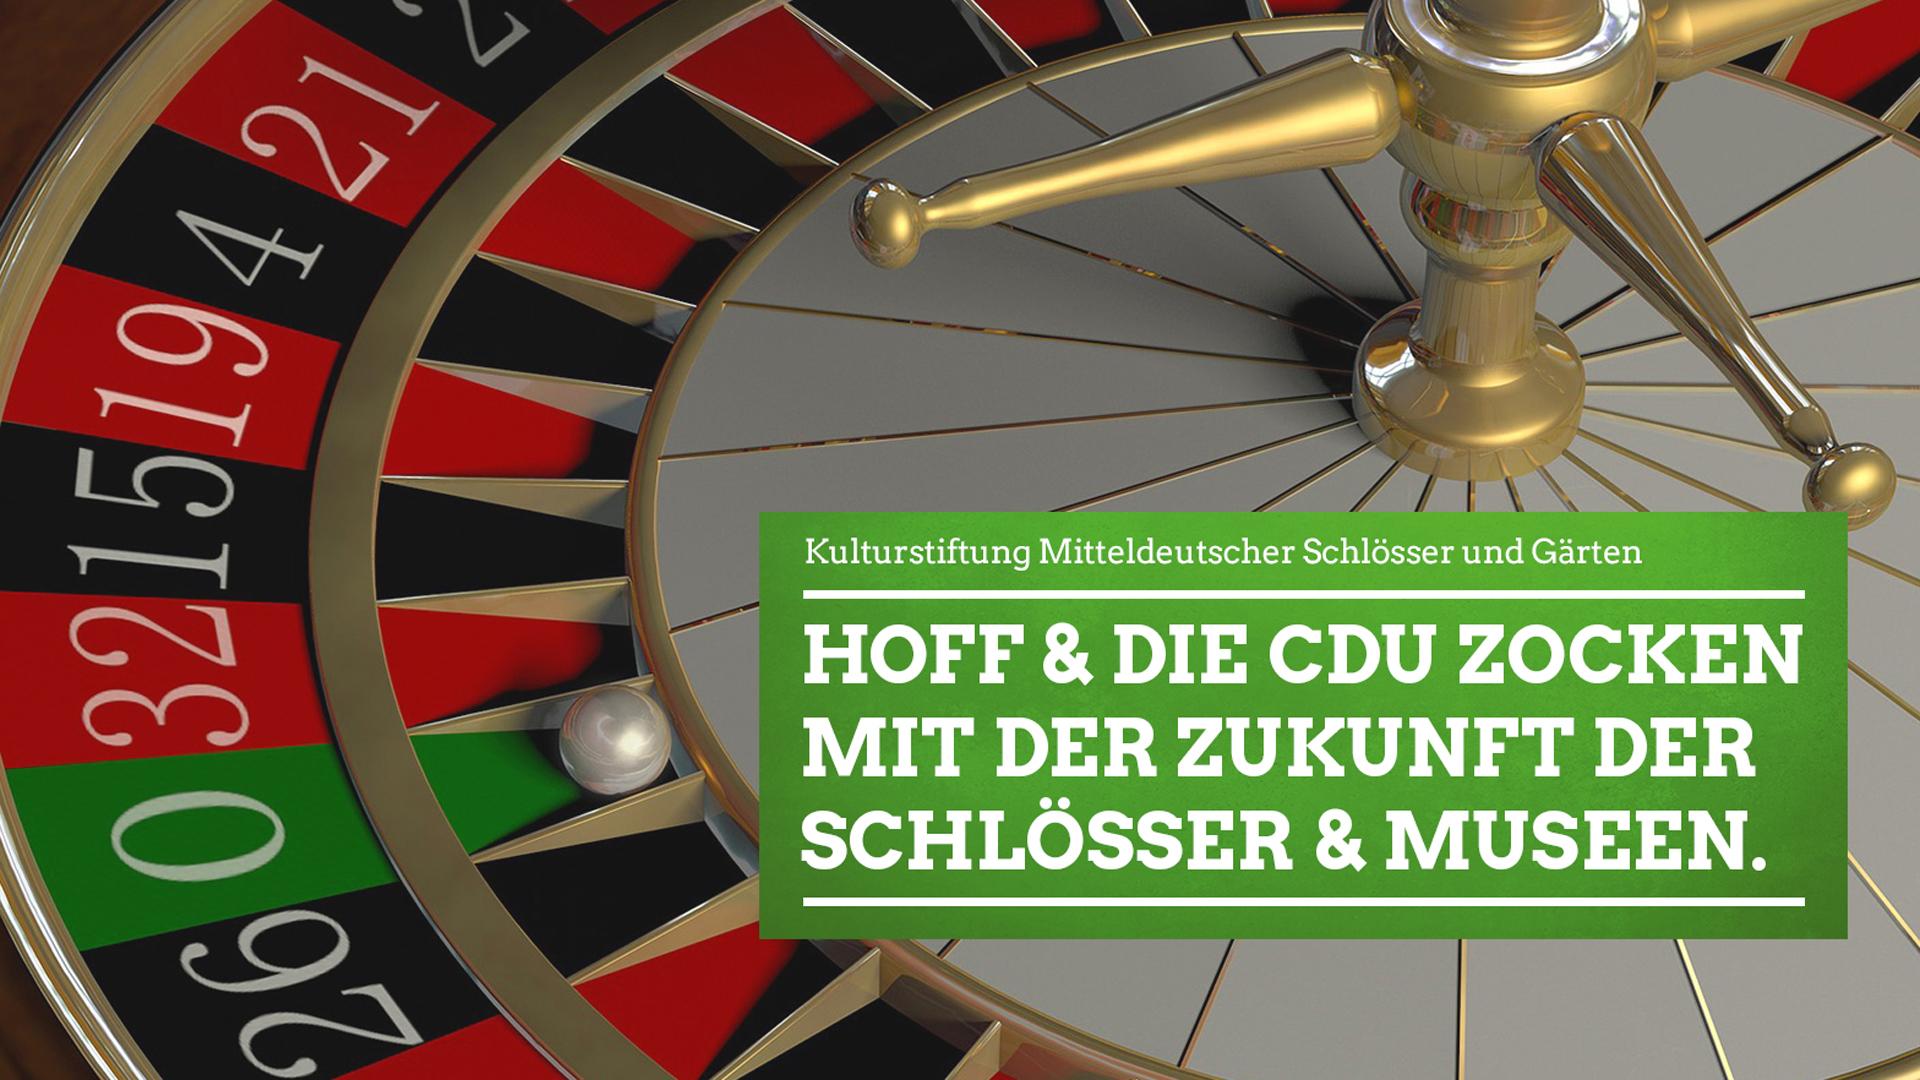 Hoff und CDU zocken mit Zukunft der Thüringer Schlösser und Museen